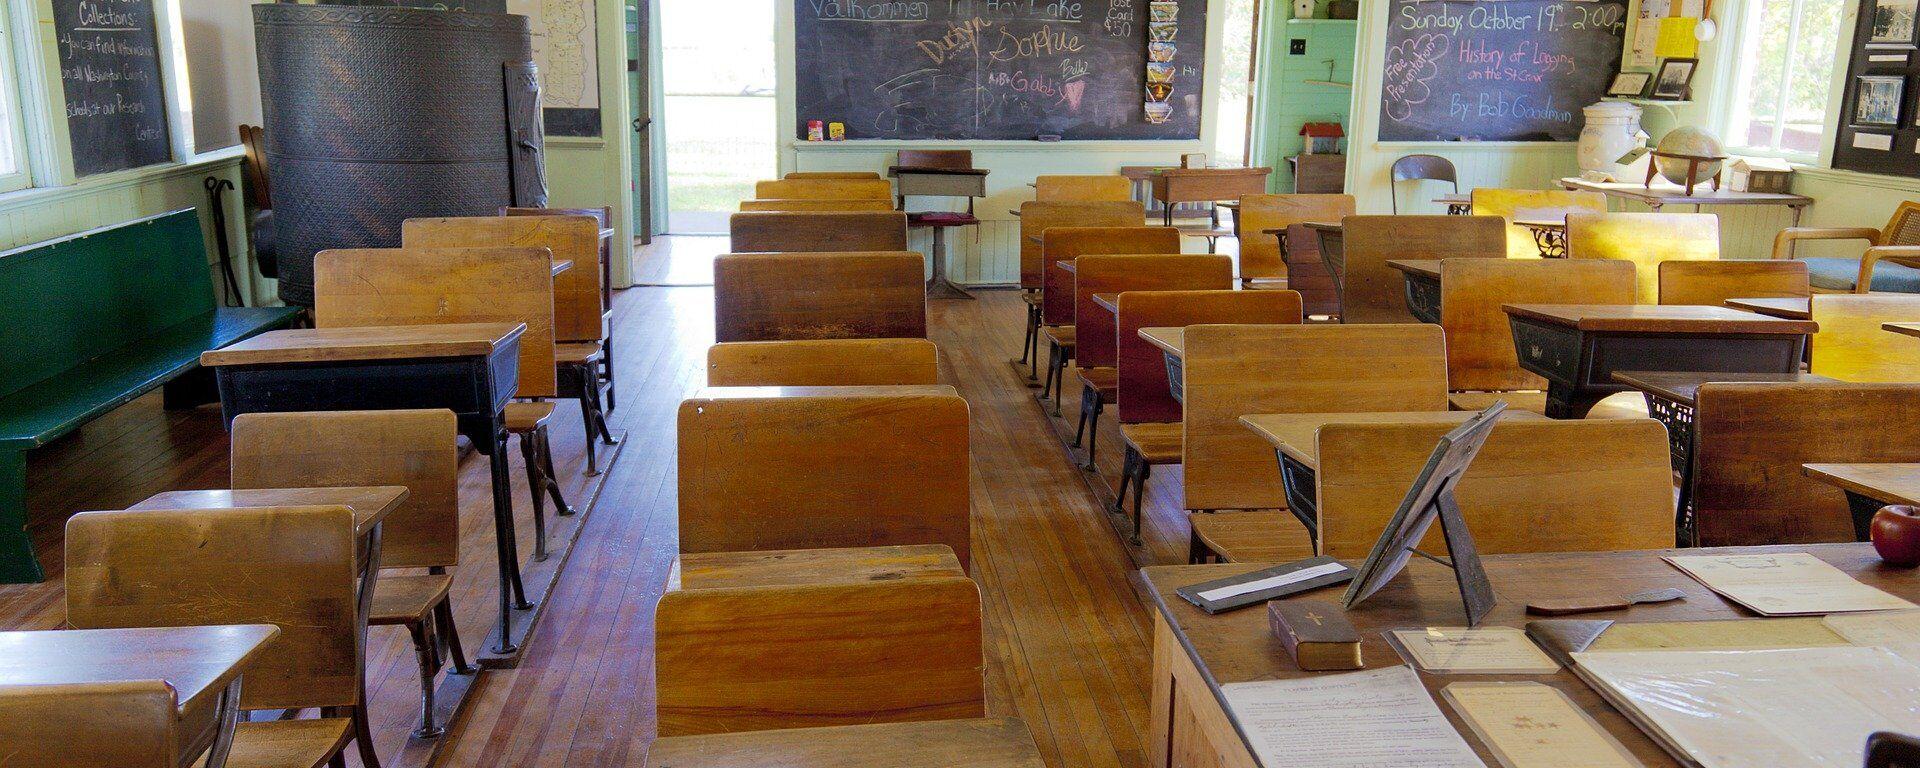 Un salón de clases - Sputnik Mundo, 1920, 16.02.2021